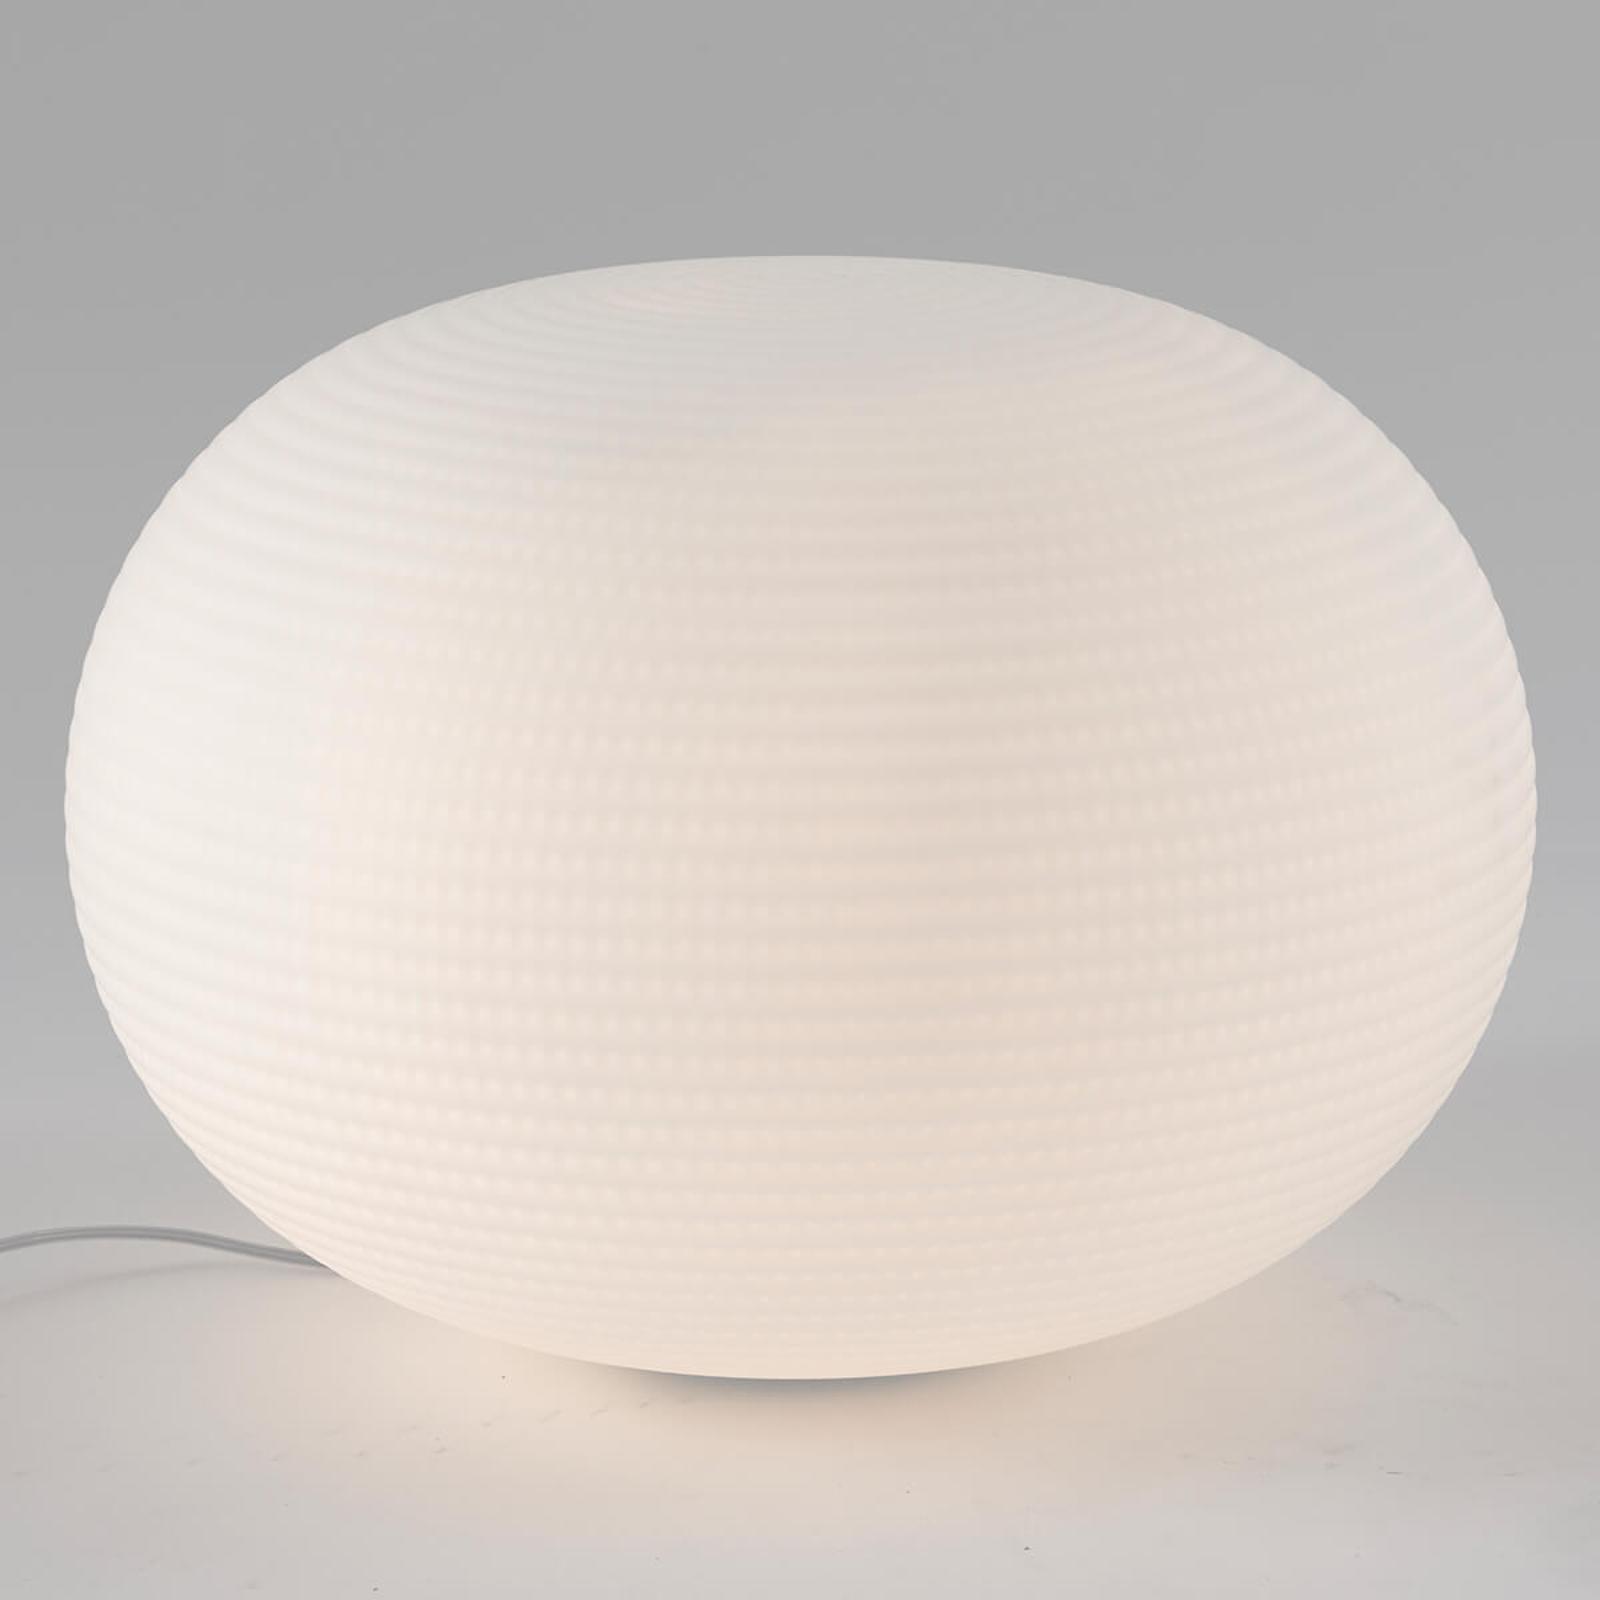 Designerska lampa stołowa Bianca ze szkła, 50 cm